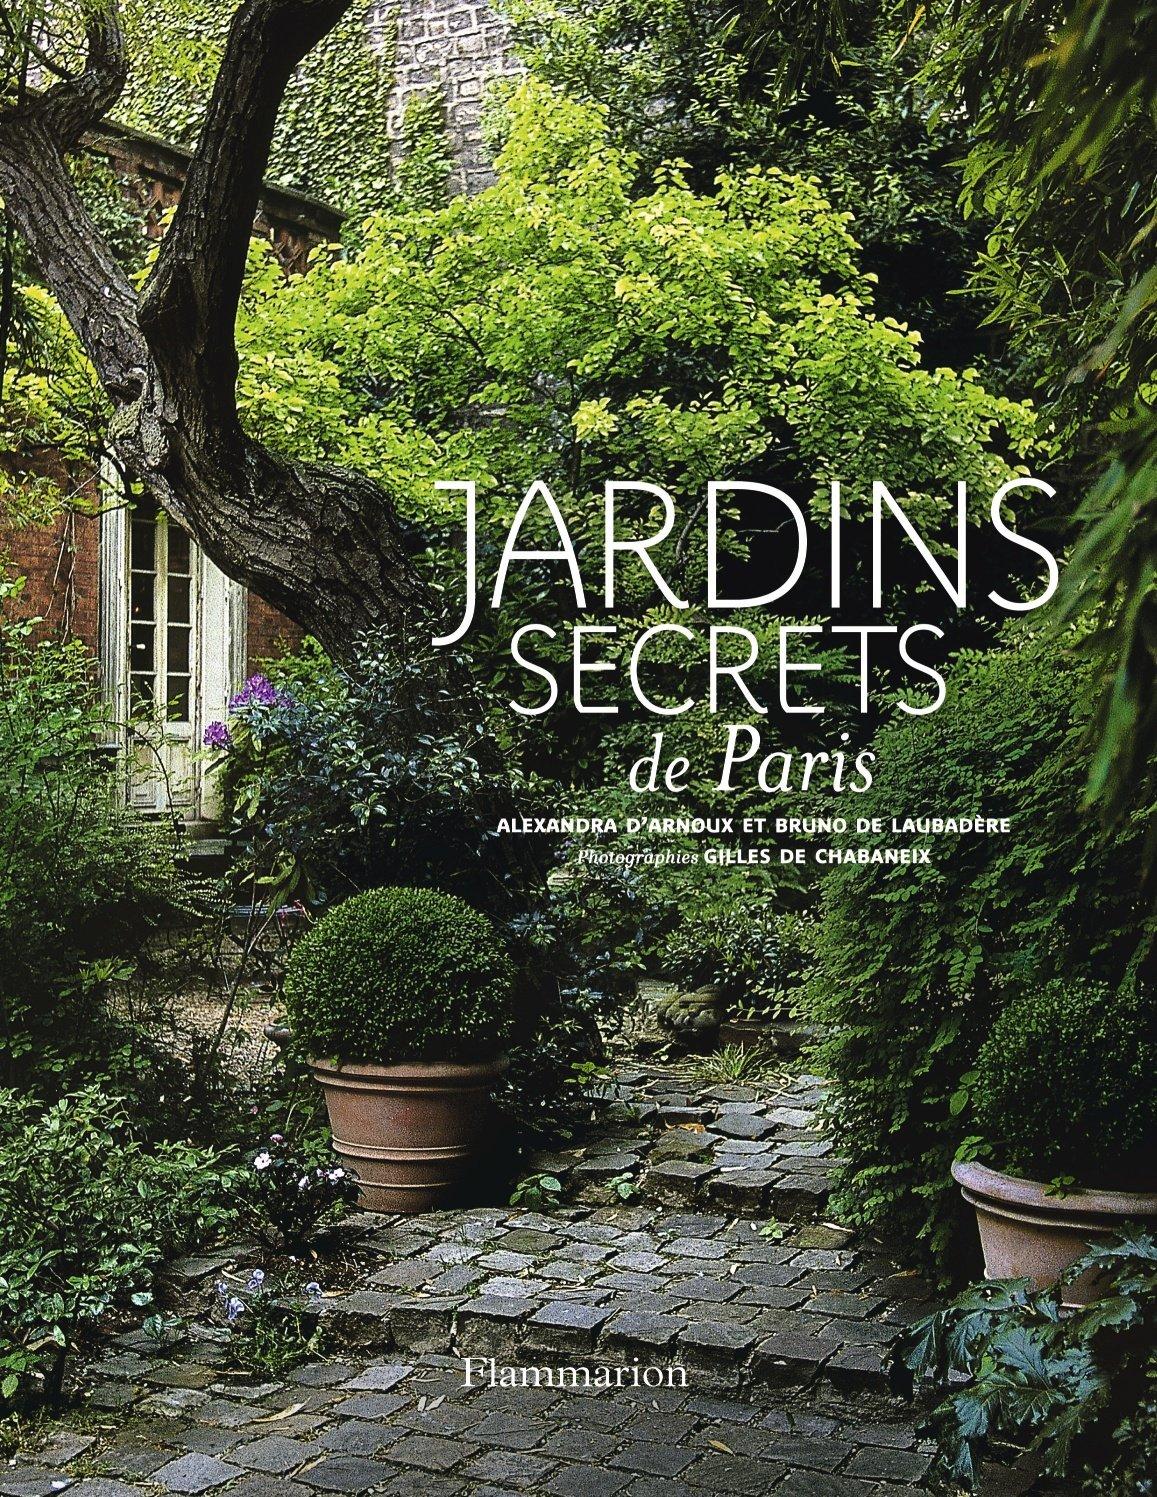 Les nouveaut s de l 39 automne 2016 hortalia for Jardin secret des hansen